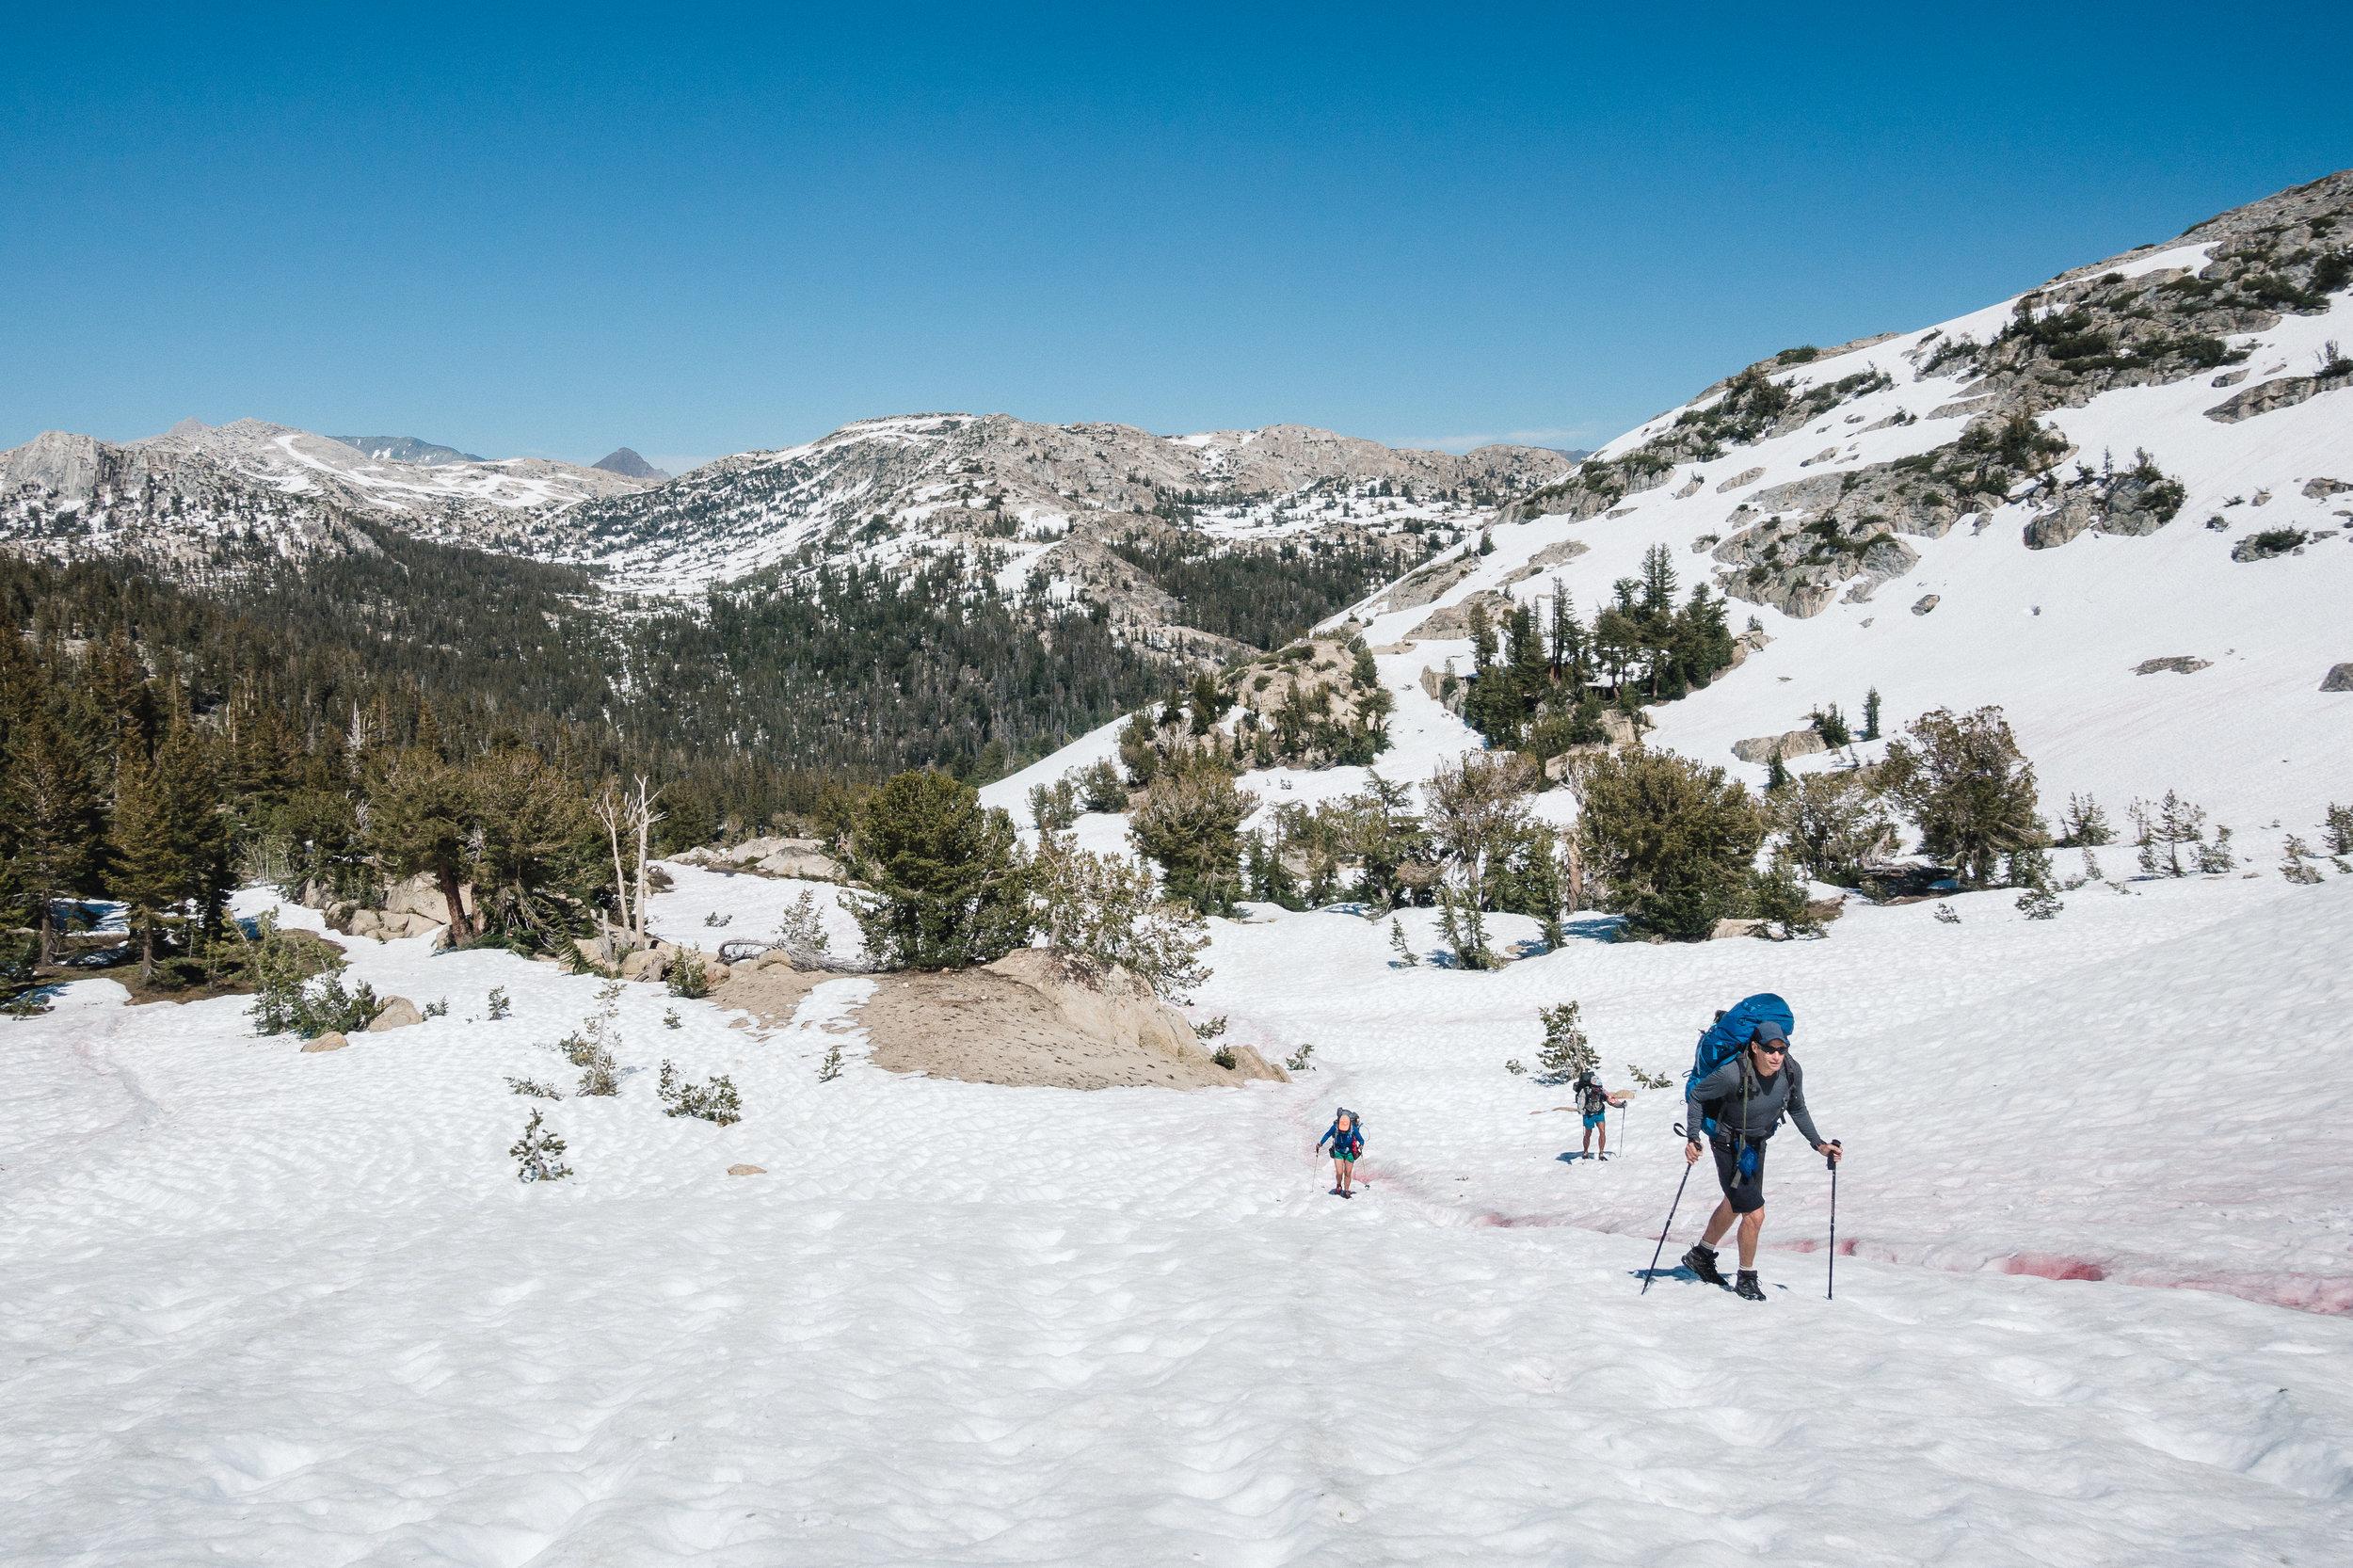 Climbing a snowy pass.